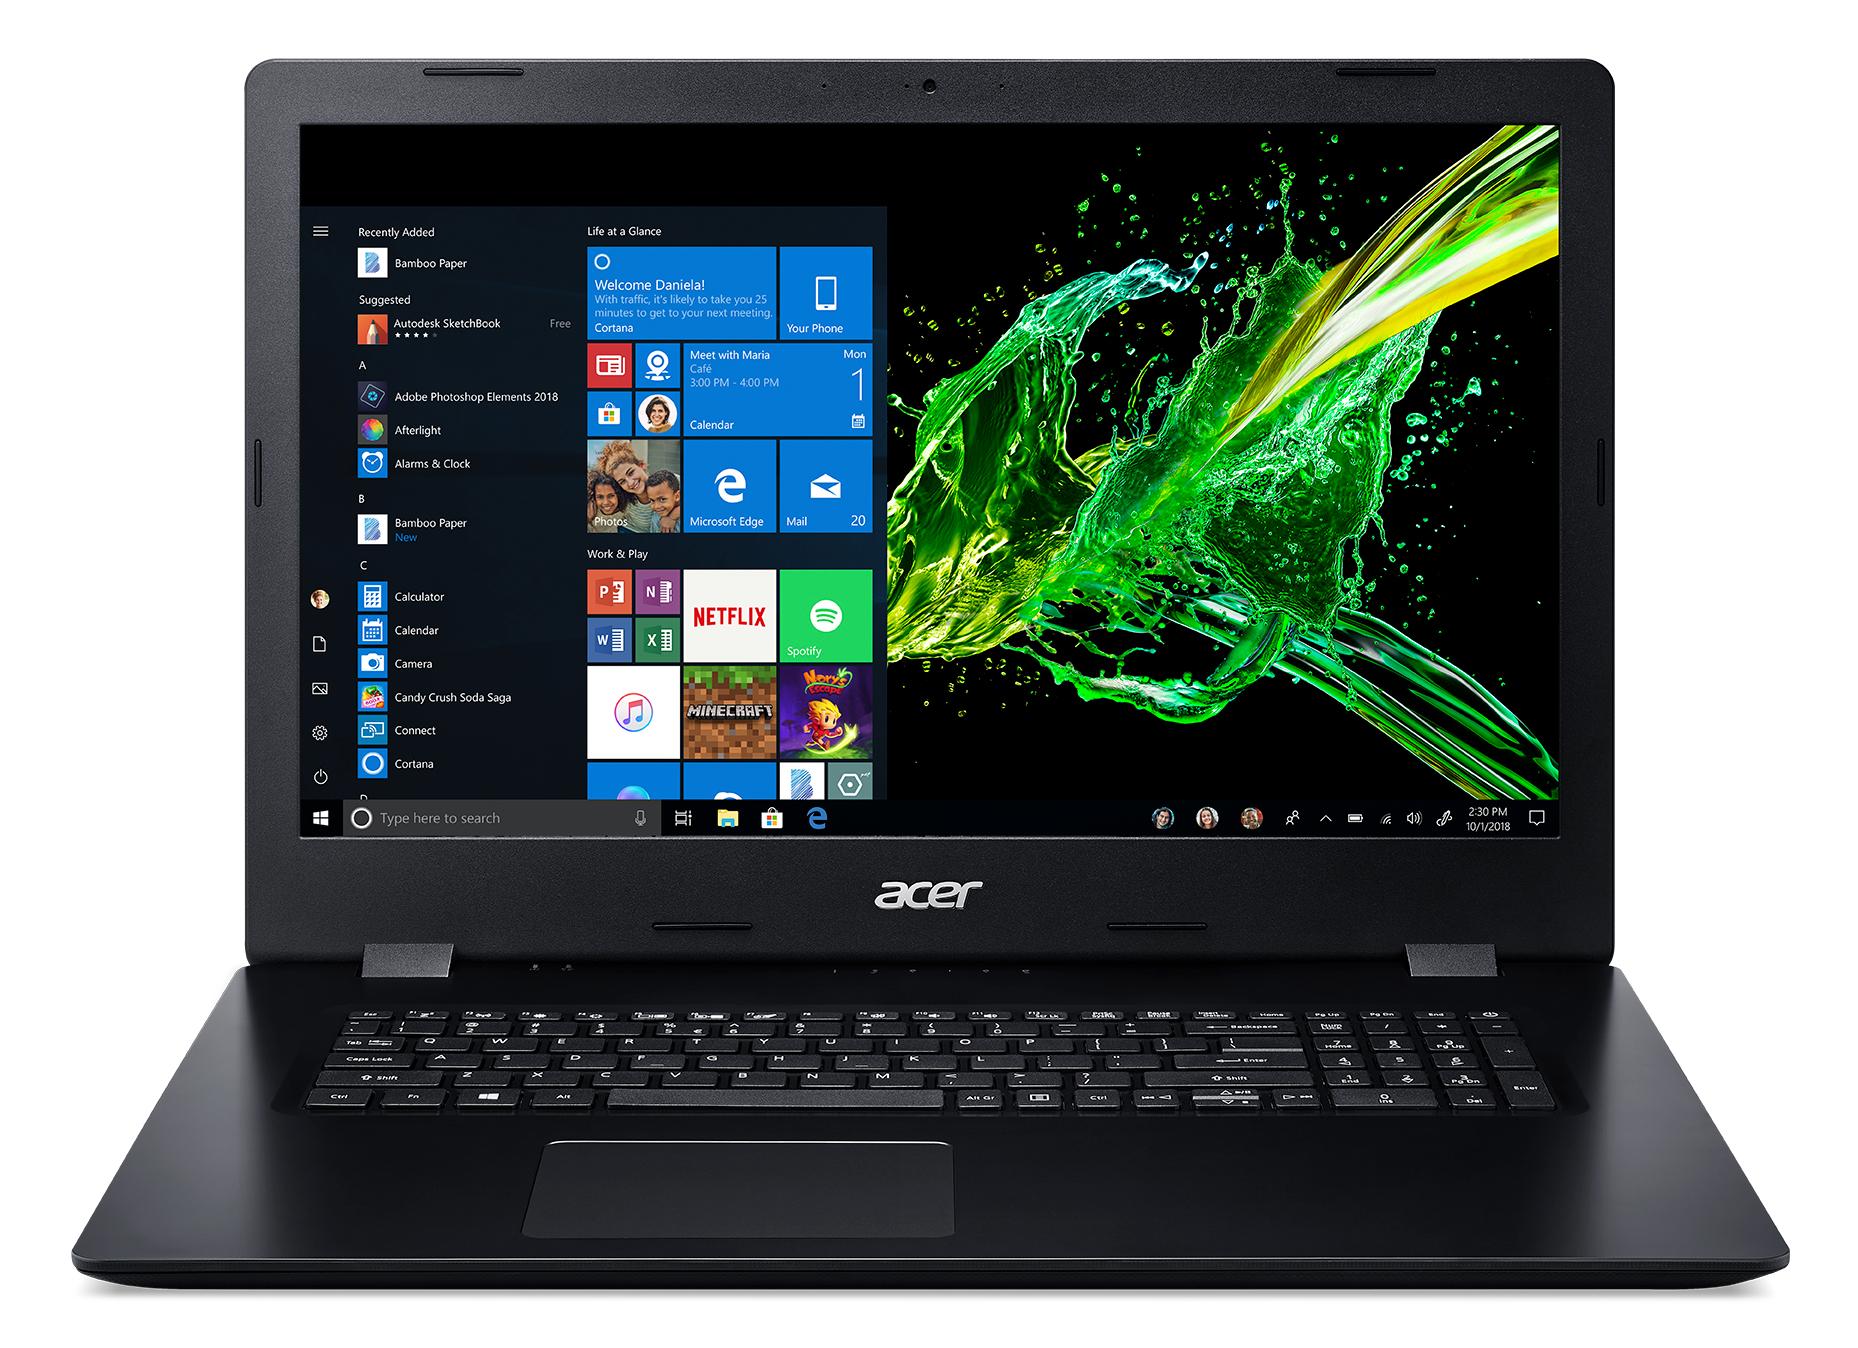 Acer Aspire 3 A317-51-31FW, 17.3inch HD+ CineCrystal LED, i3-8145U processor, 4GB DDR4 , 128GB PCIe NVMe SSD + 1TB HDD, Intel UHD Graphics 620, HDMI, DVD-RW (DL), Wi-Fi 5 AC + BT 4.0,0.3MP webcam met mic., US Int. Keyboard